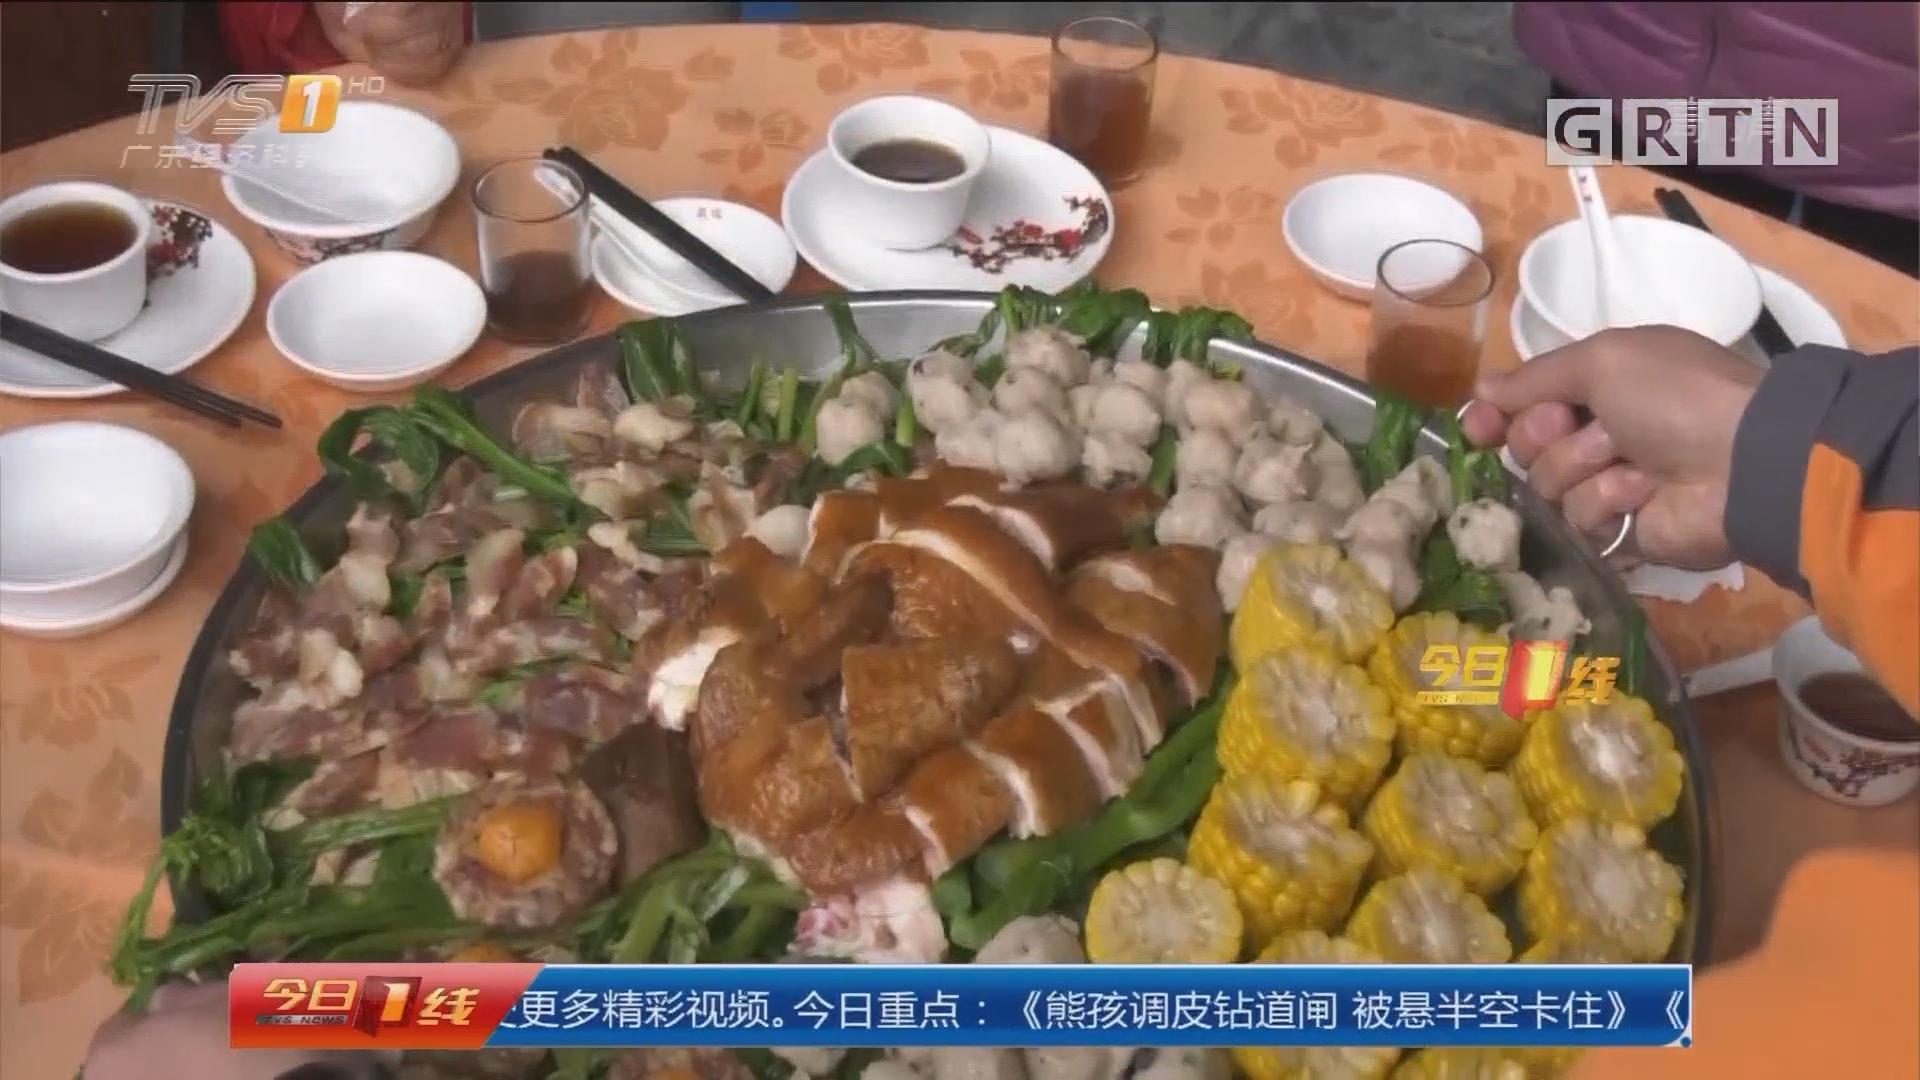 清远连州 菜心节:大盆菜 让食客大饱口福